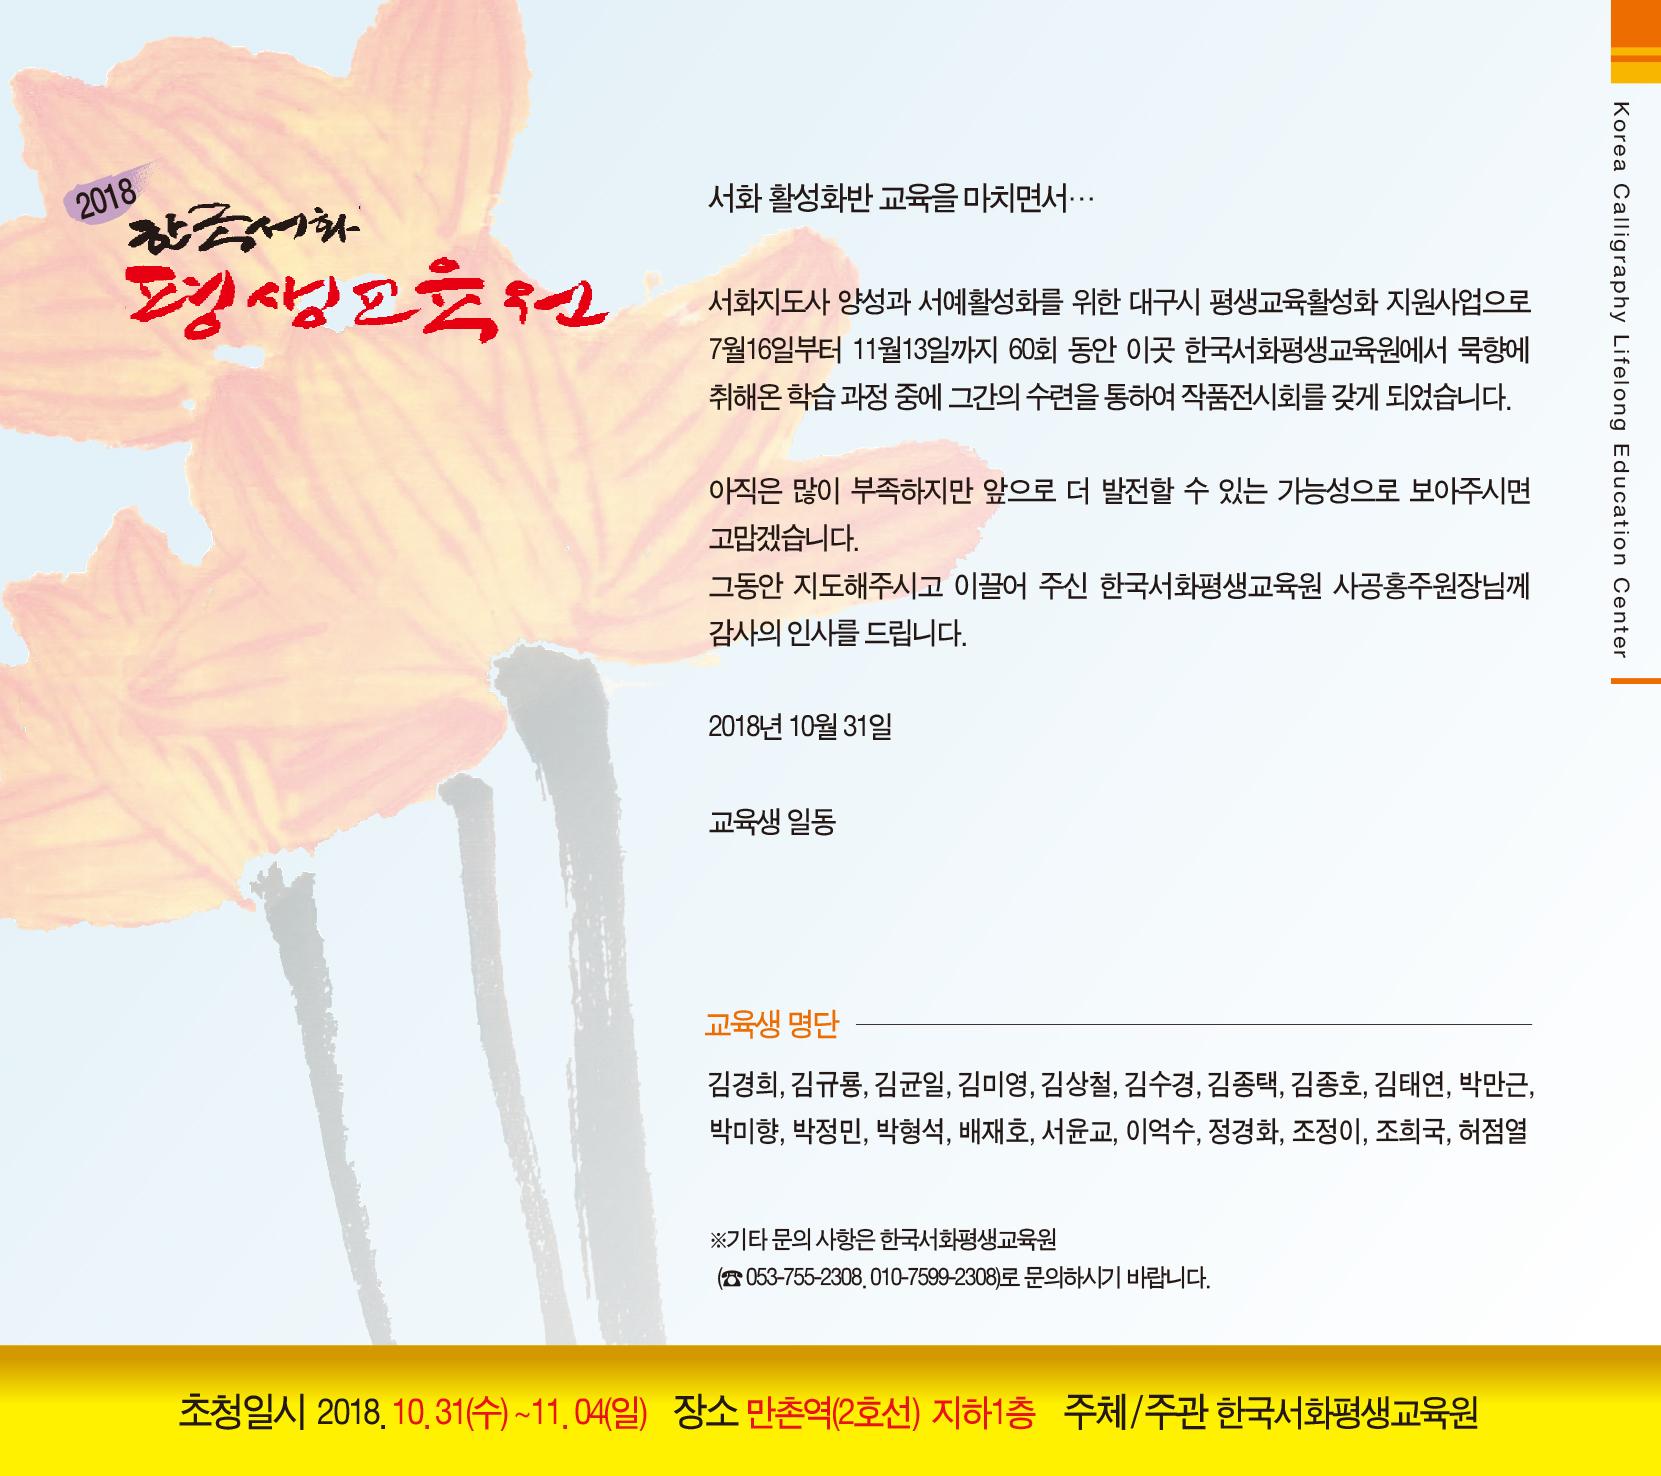 한국서화평생교육원초대장1-2.jpg